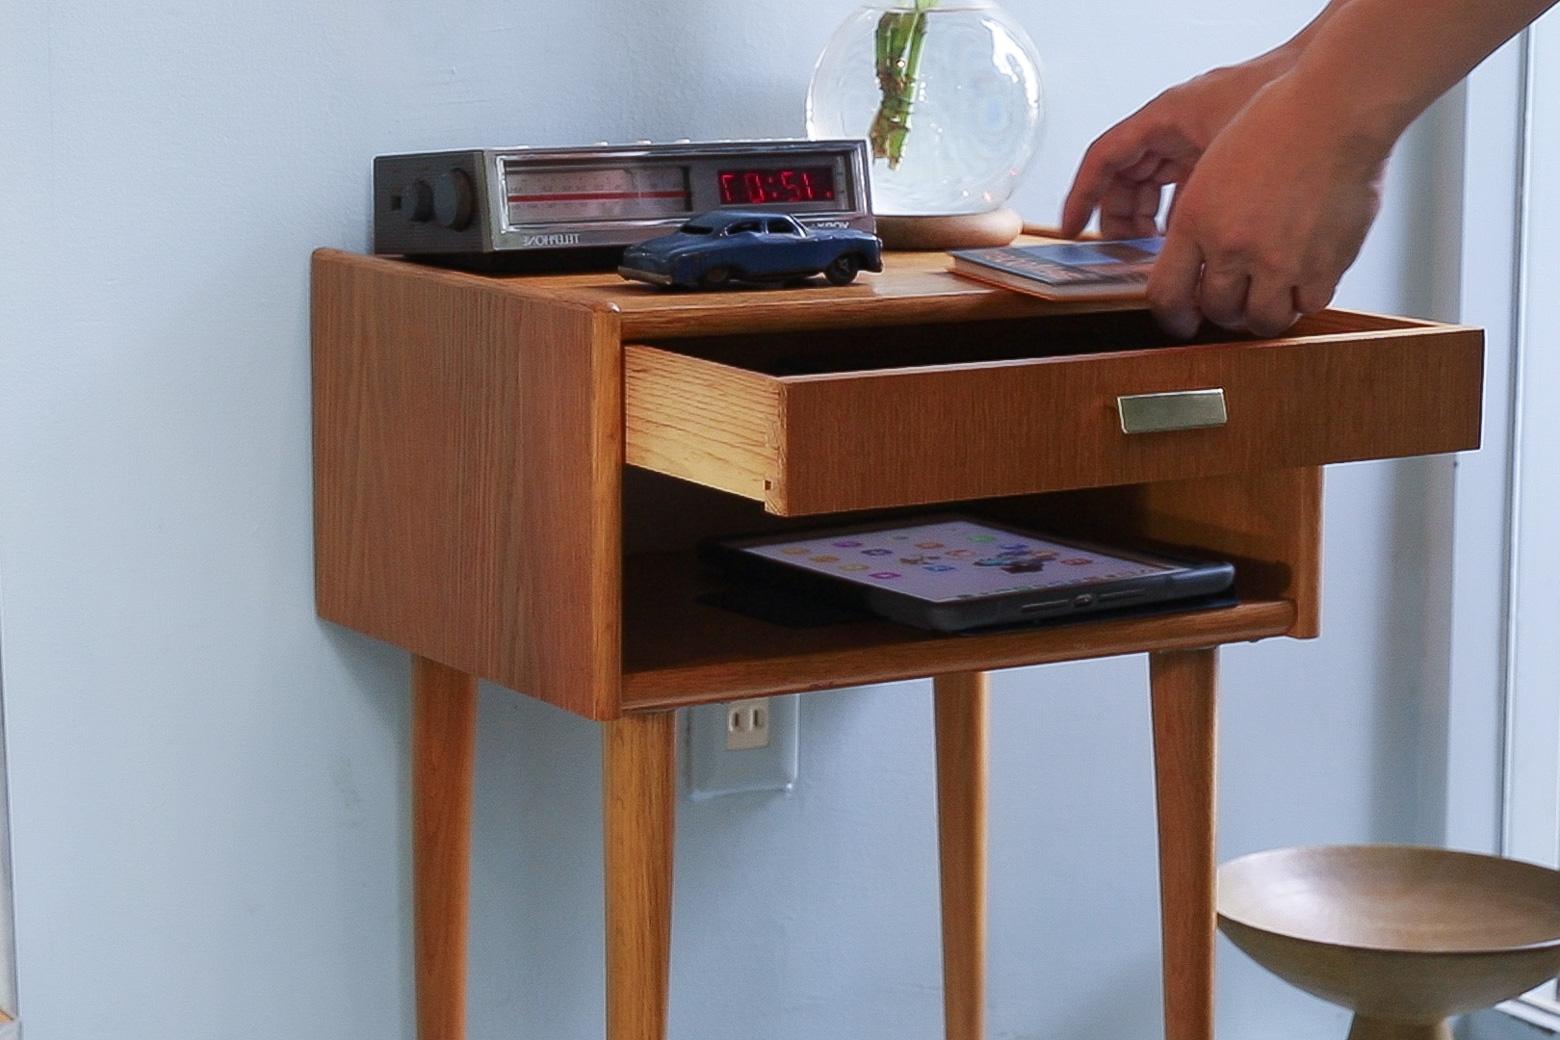 デンマーク ヴィンテージ ベッドサイド テーブル オーク材 北欧家具/Danish Vintage Bed Side Table